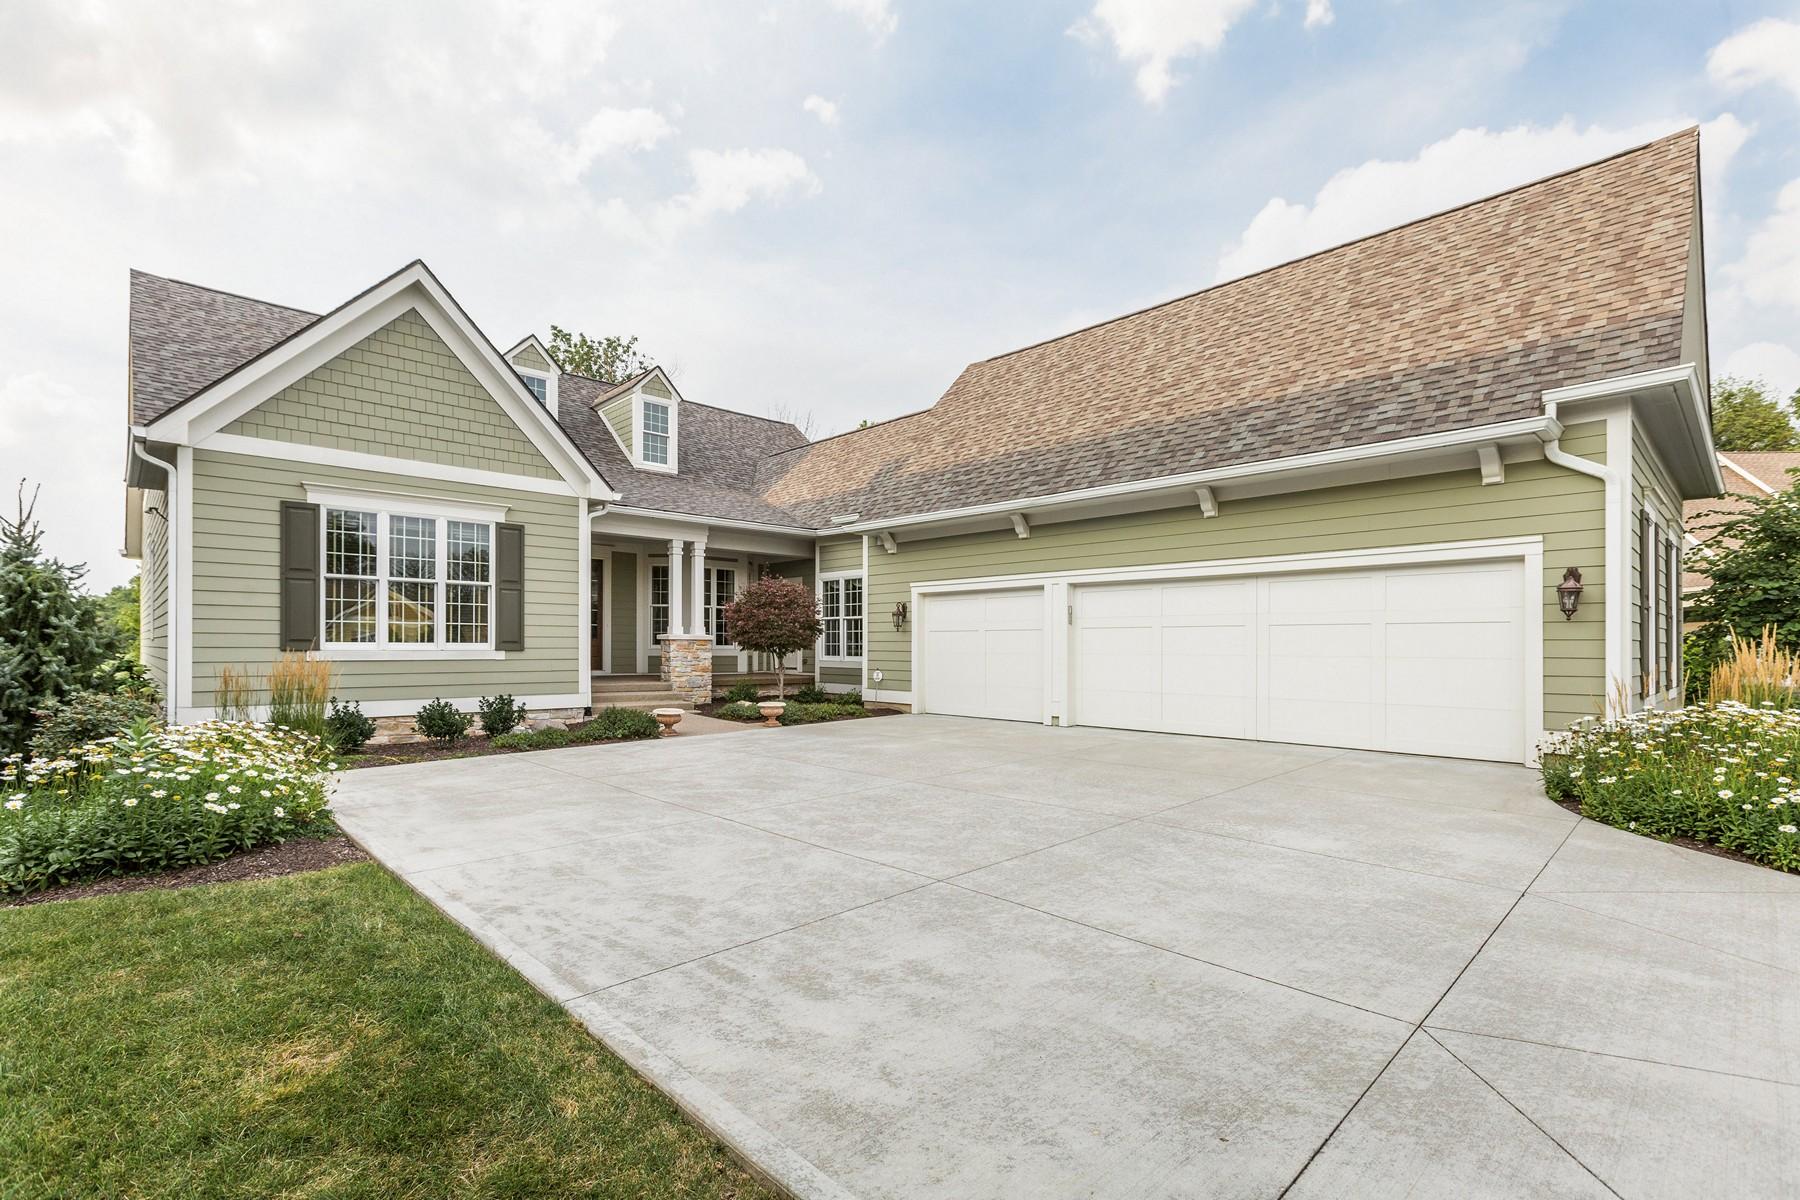 واحد منزل الأسرة للـ Sale في Extraordinary Home in The Willows 11644 Weeping Willow Court, Zionsville, Indiana, 46077 United States